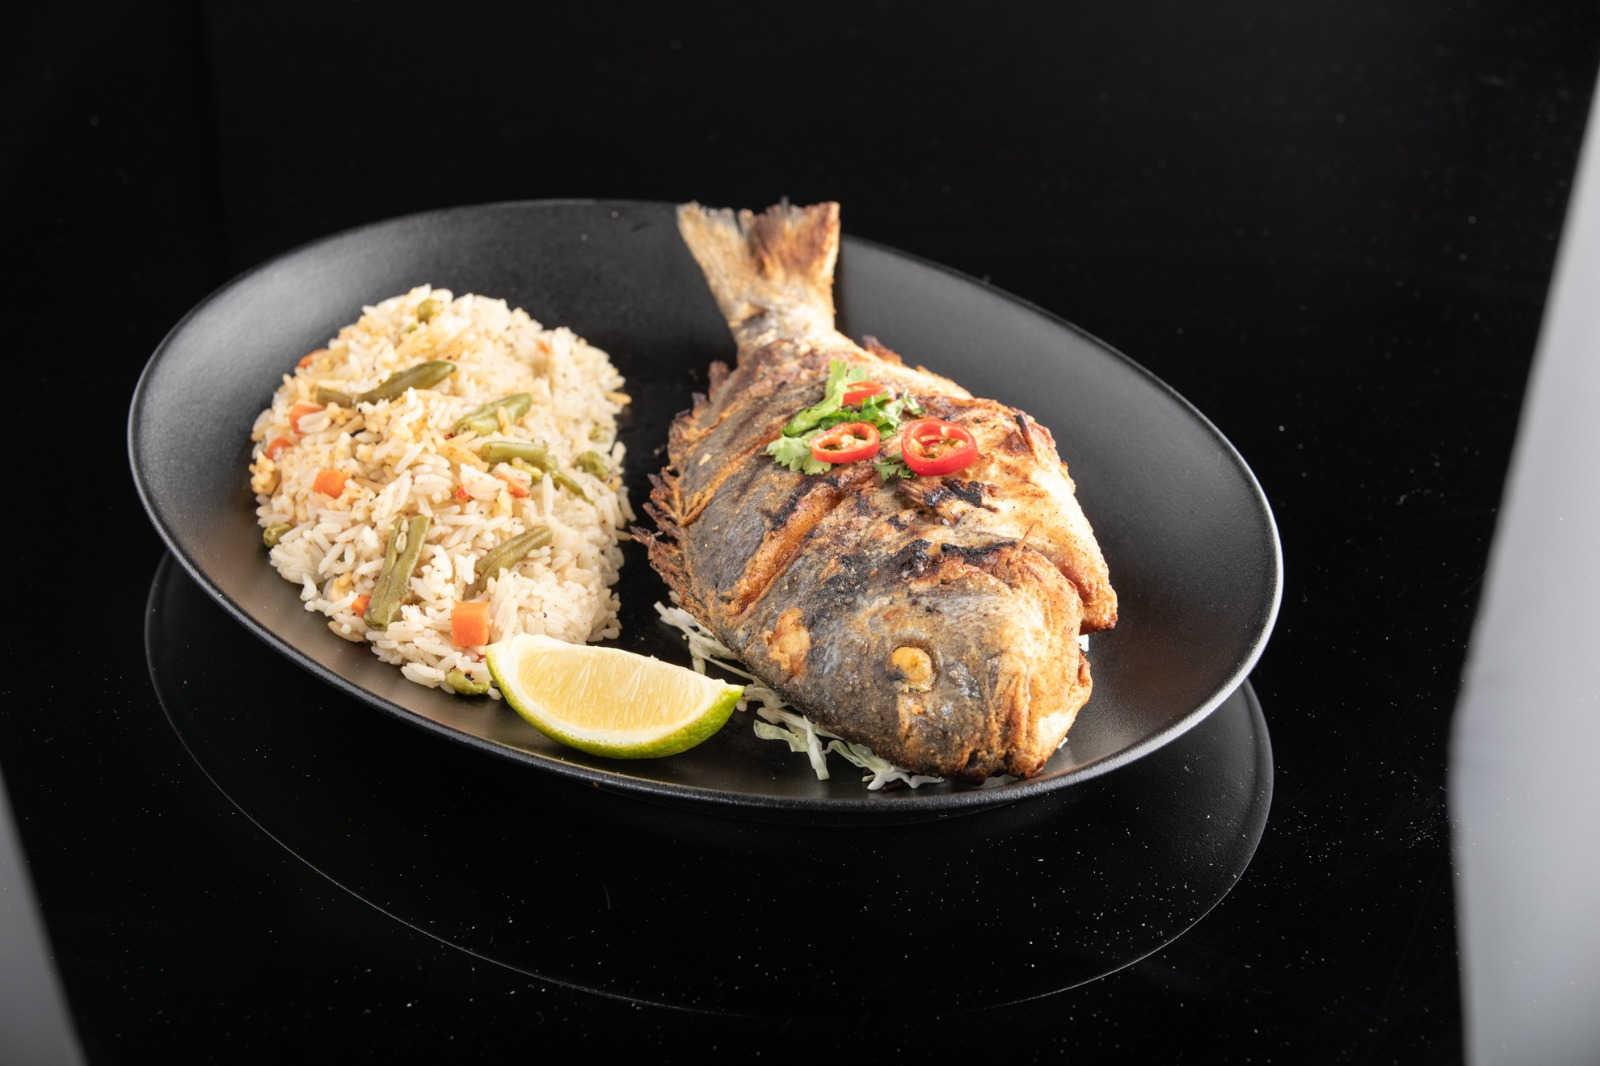 דג דניס שלם מטוגן על הגריל